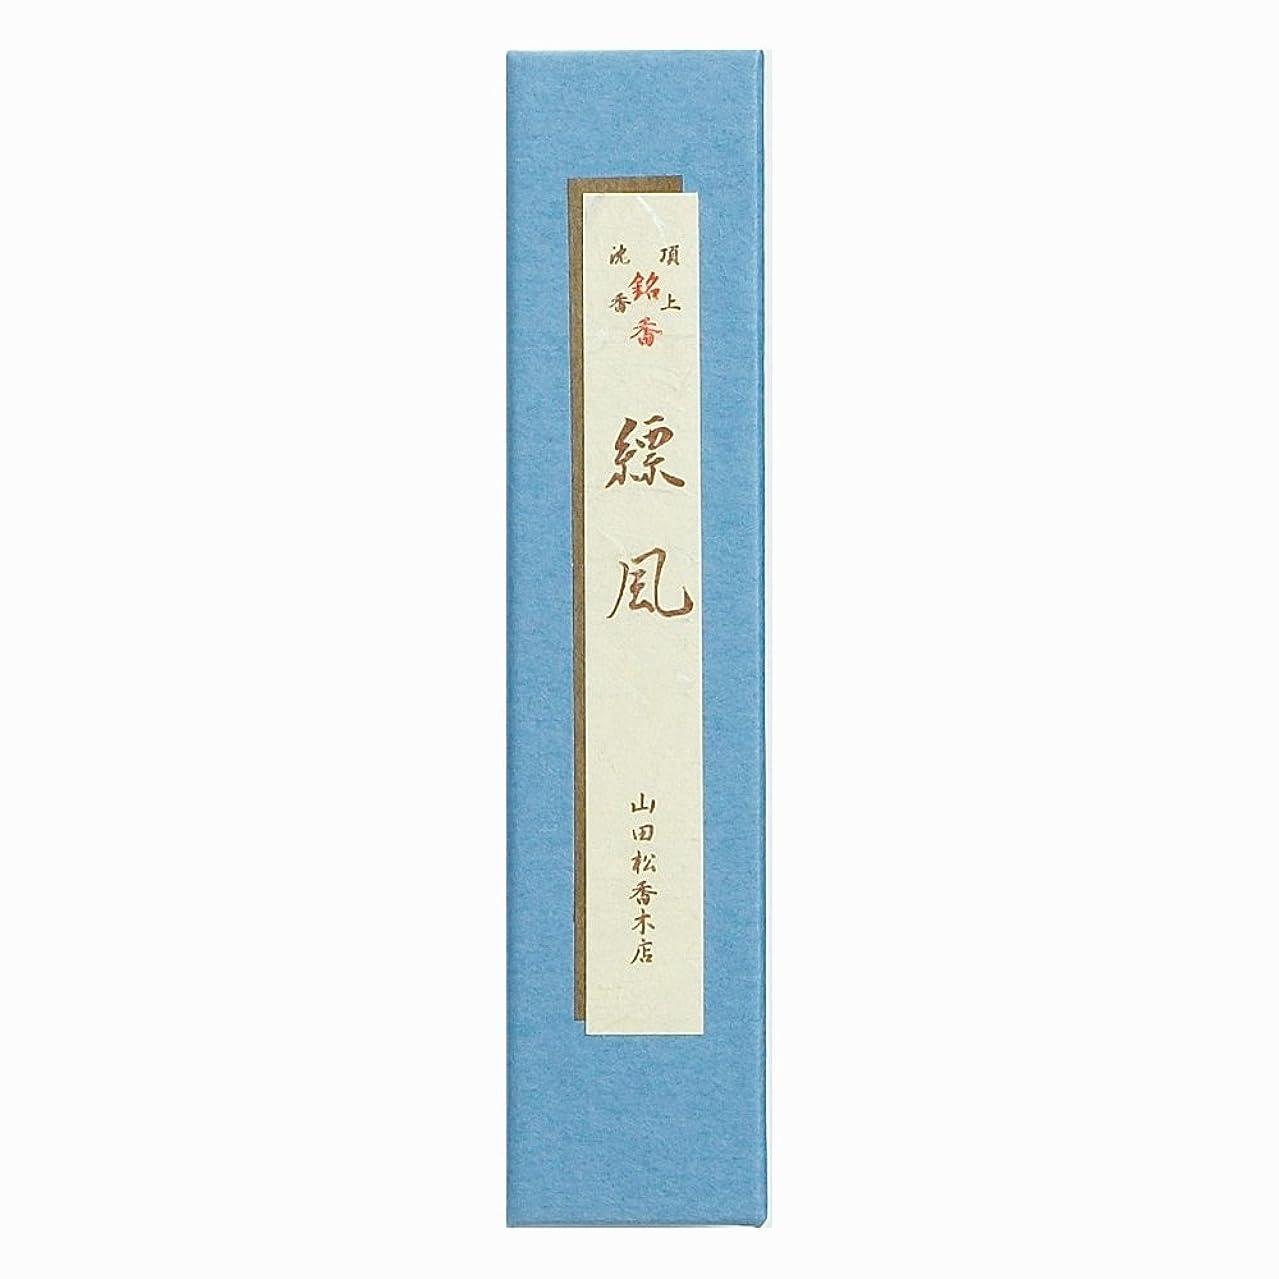 スポーツマン敷居葉縹風 短寸(5寸) 紙箱入